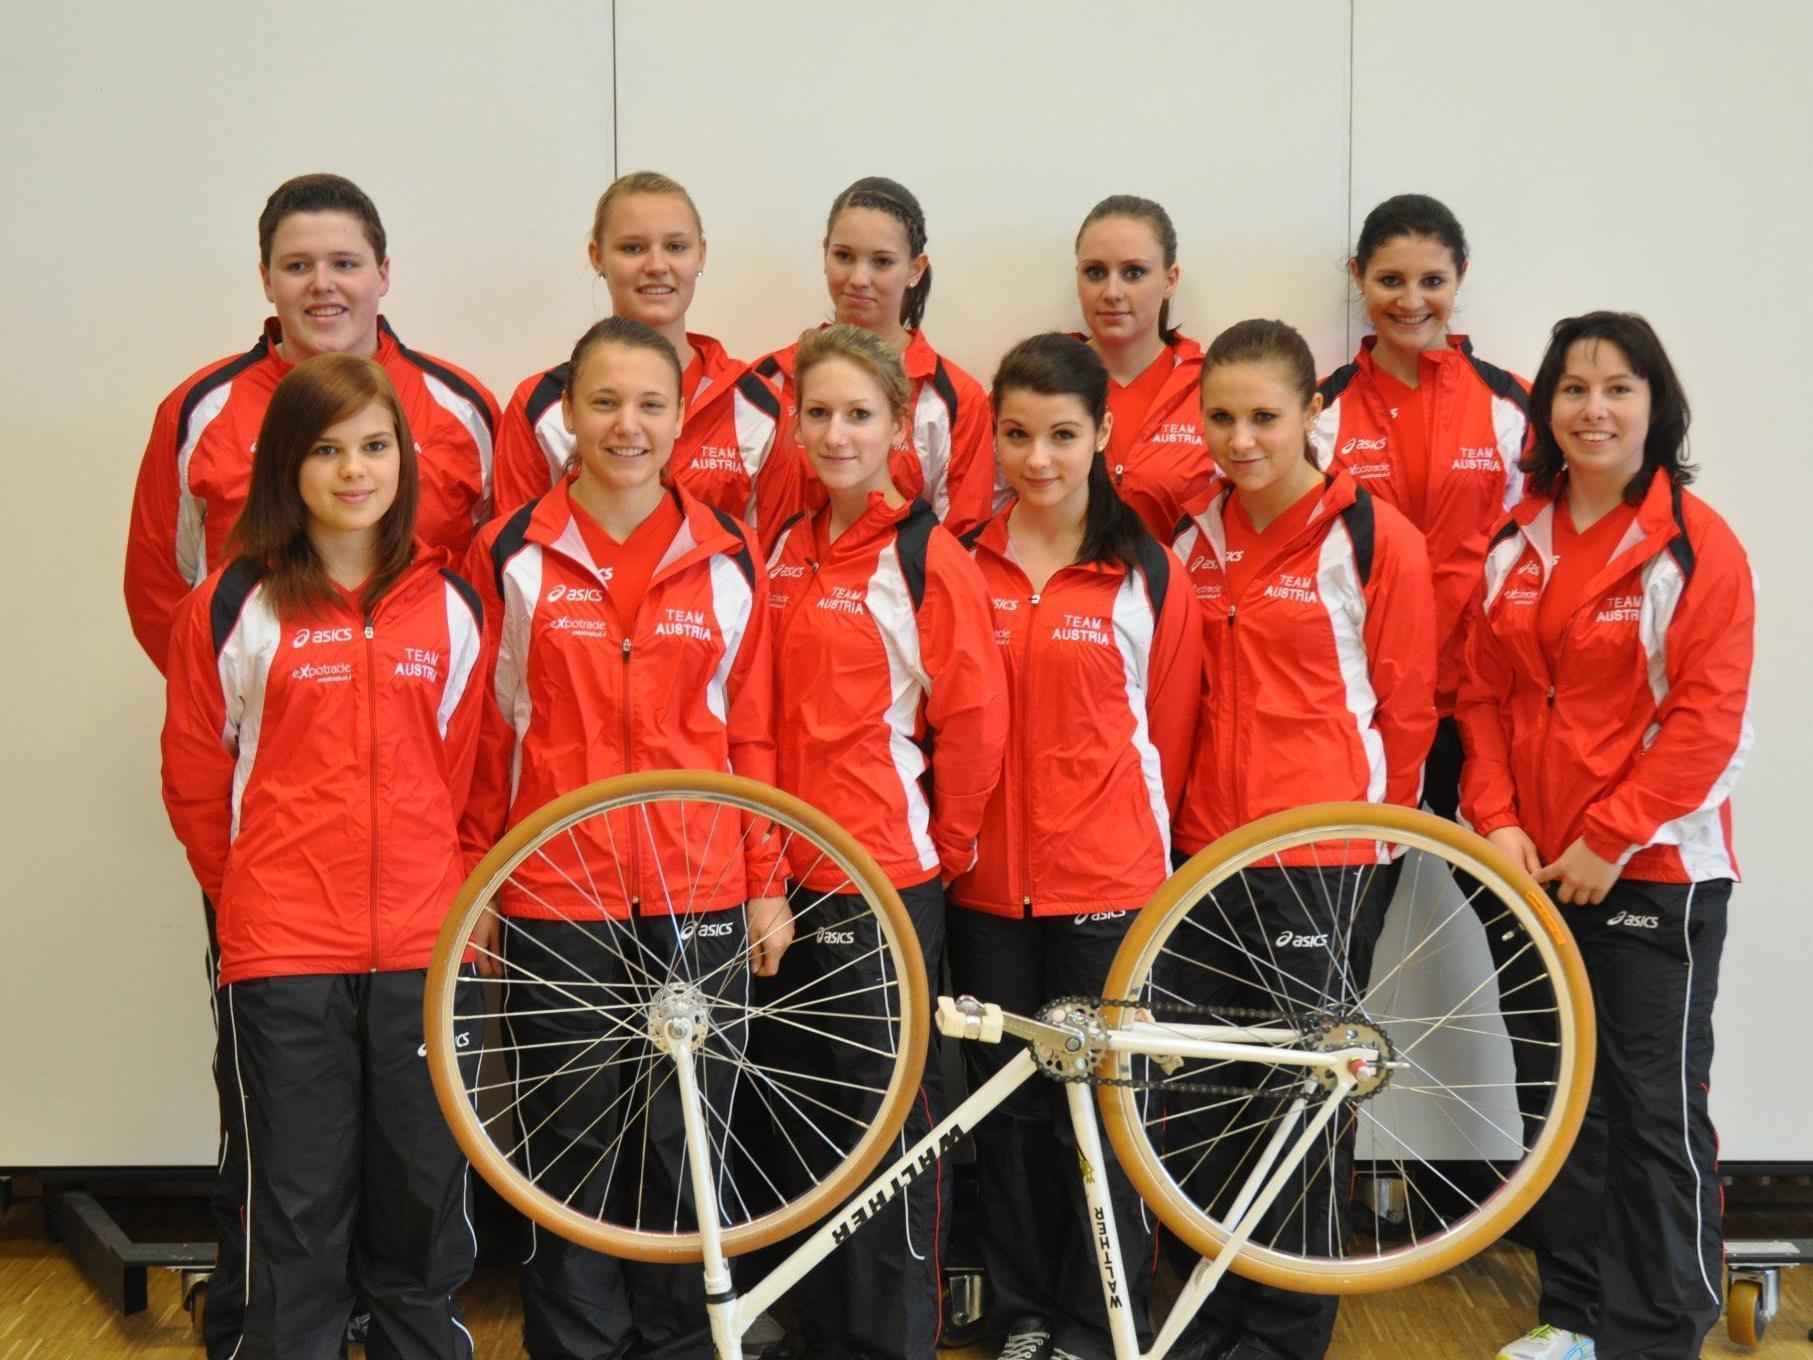 Österreichs Kunstradteam für Belgien mit Bundestrainerin Claudia Tagwercher. (ganz rechts)